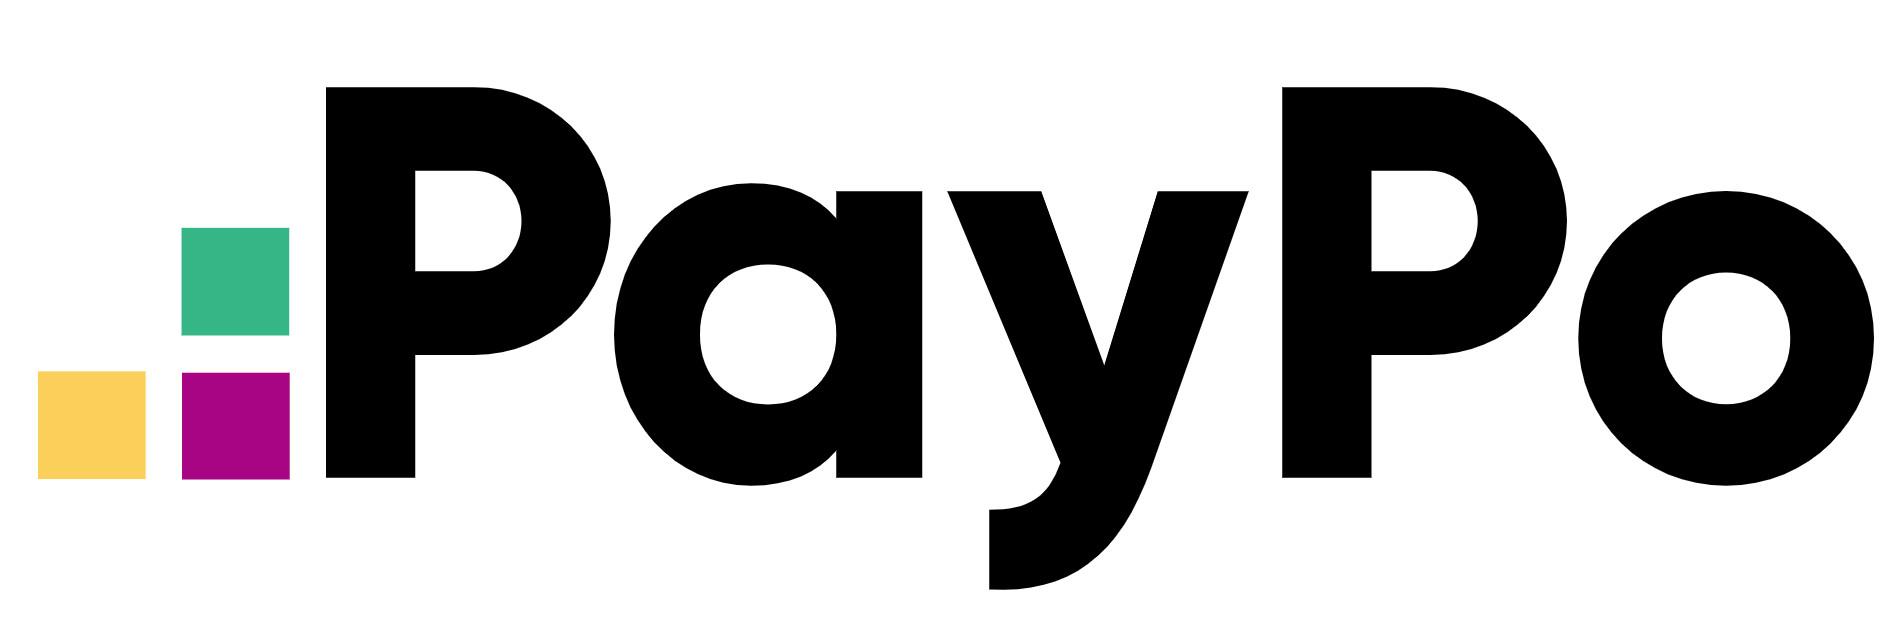 PayPo - kup teraz, zapłać później